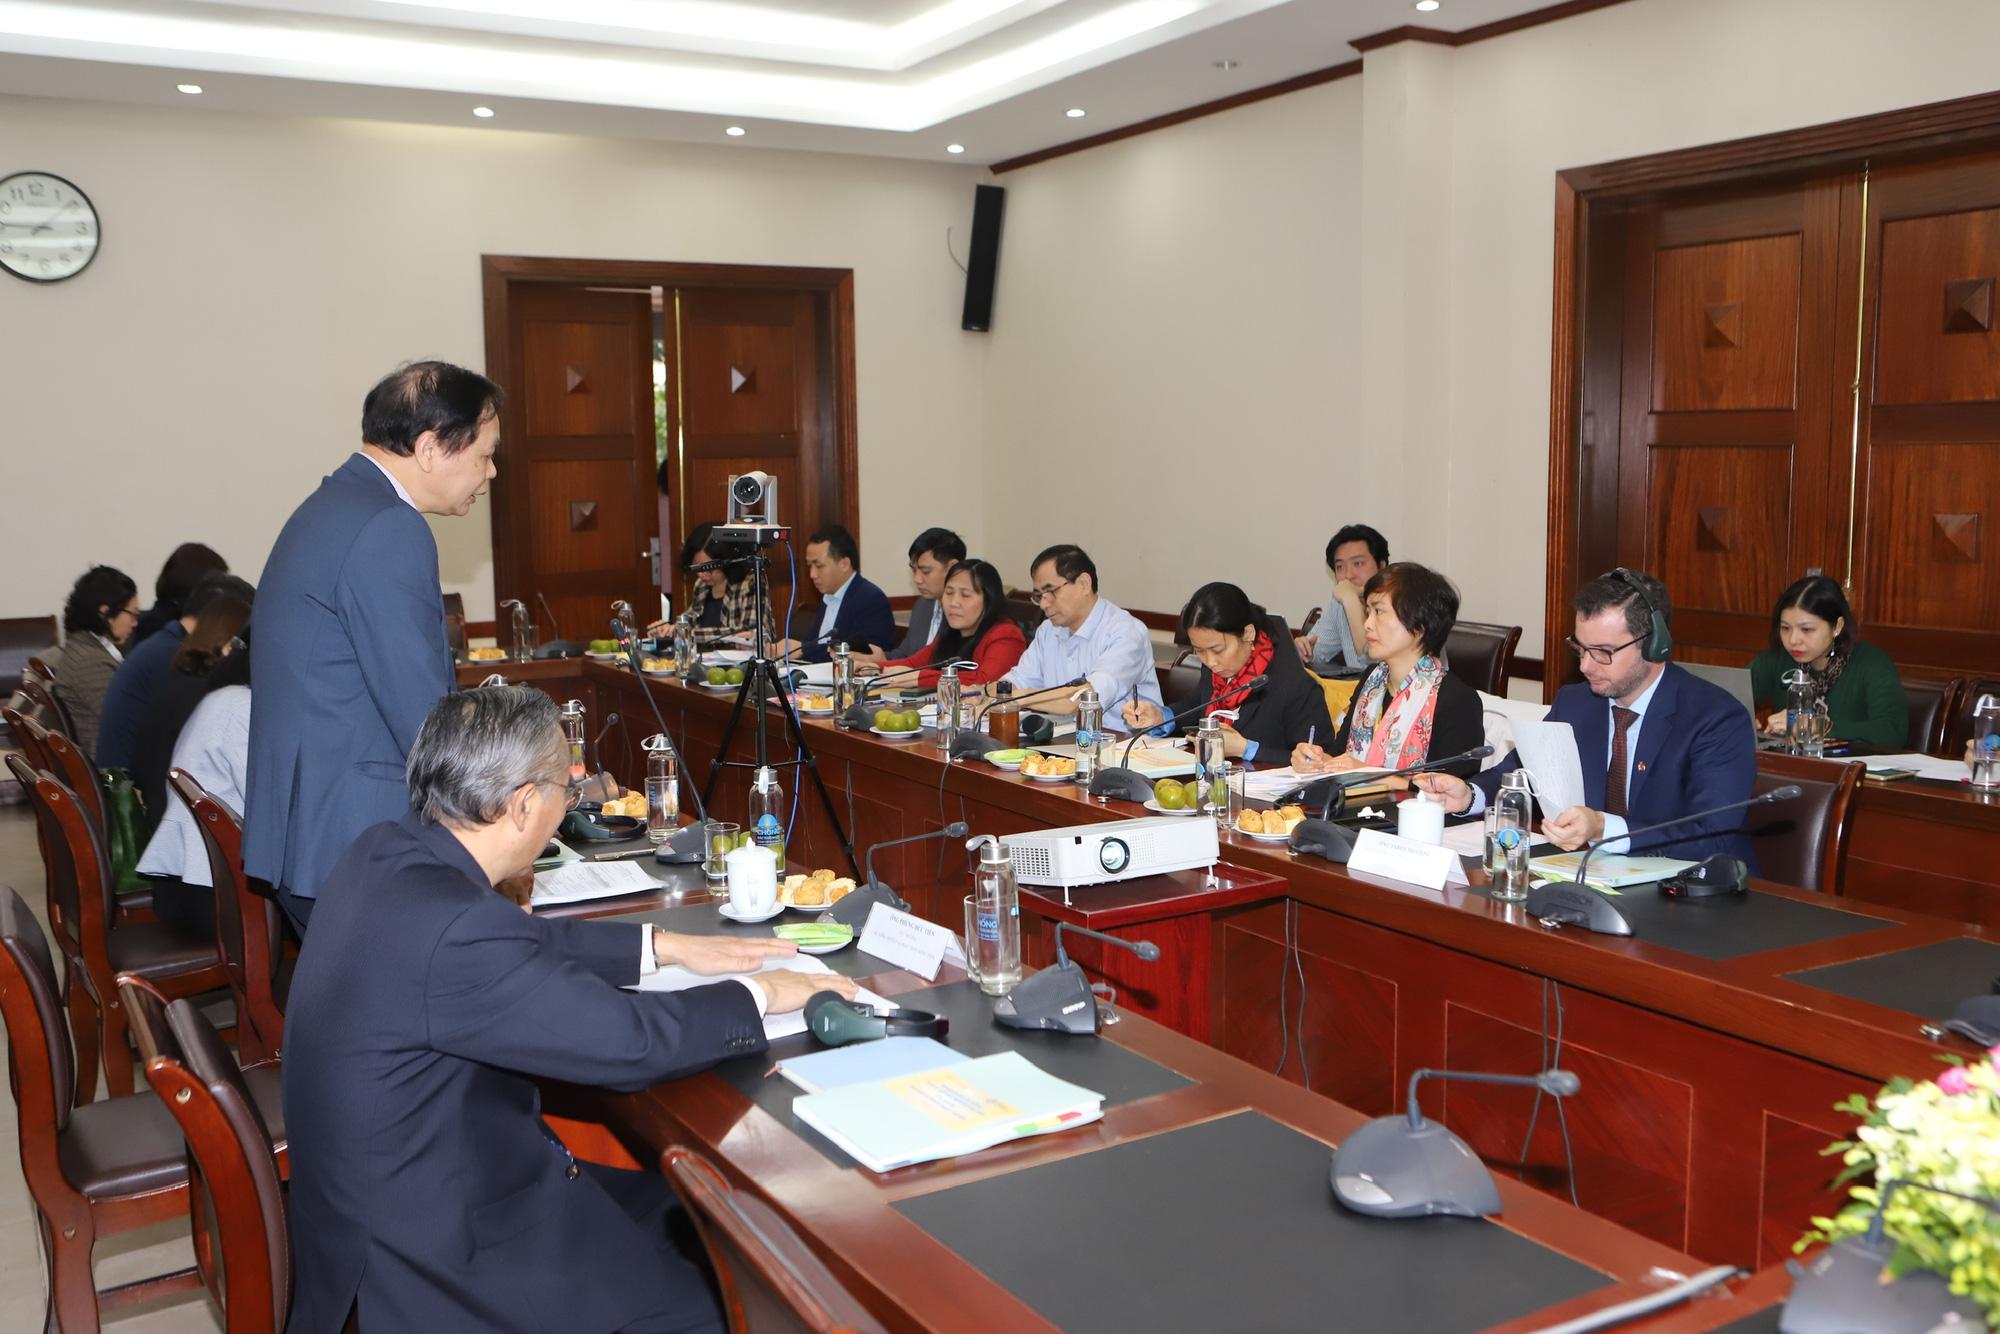 Canada tài trợ 280 tỷ đồng xây dựng lĩnh vực an toàn thực phẩm ở Việt Nam - Ảnh 4.